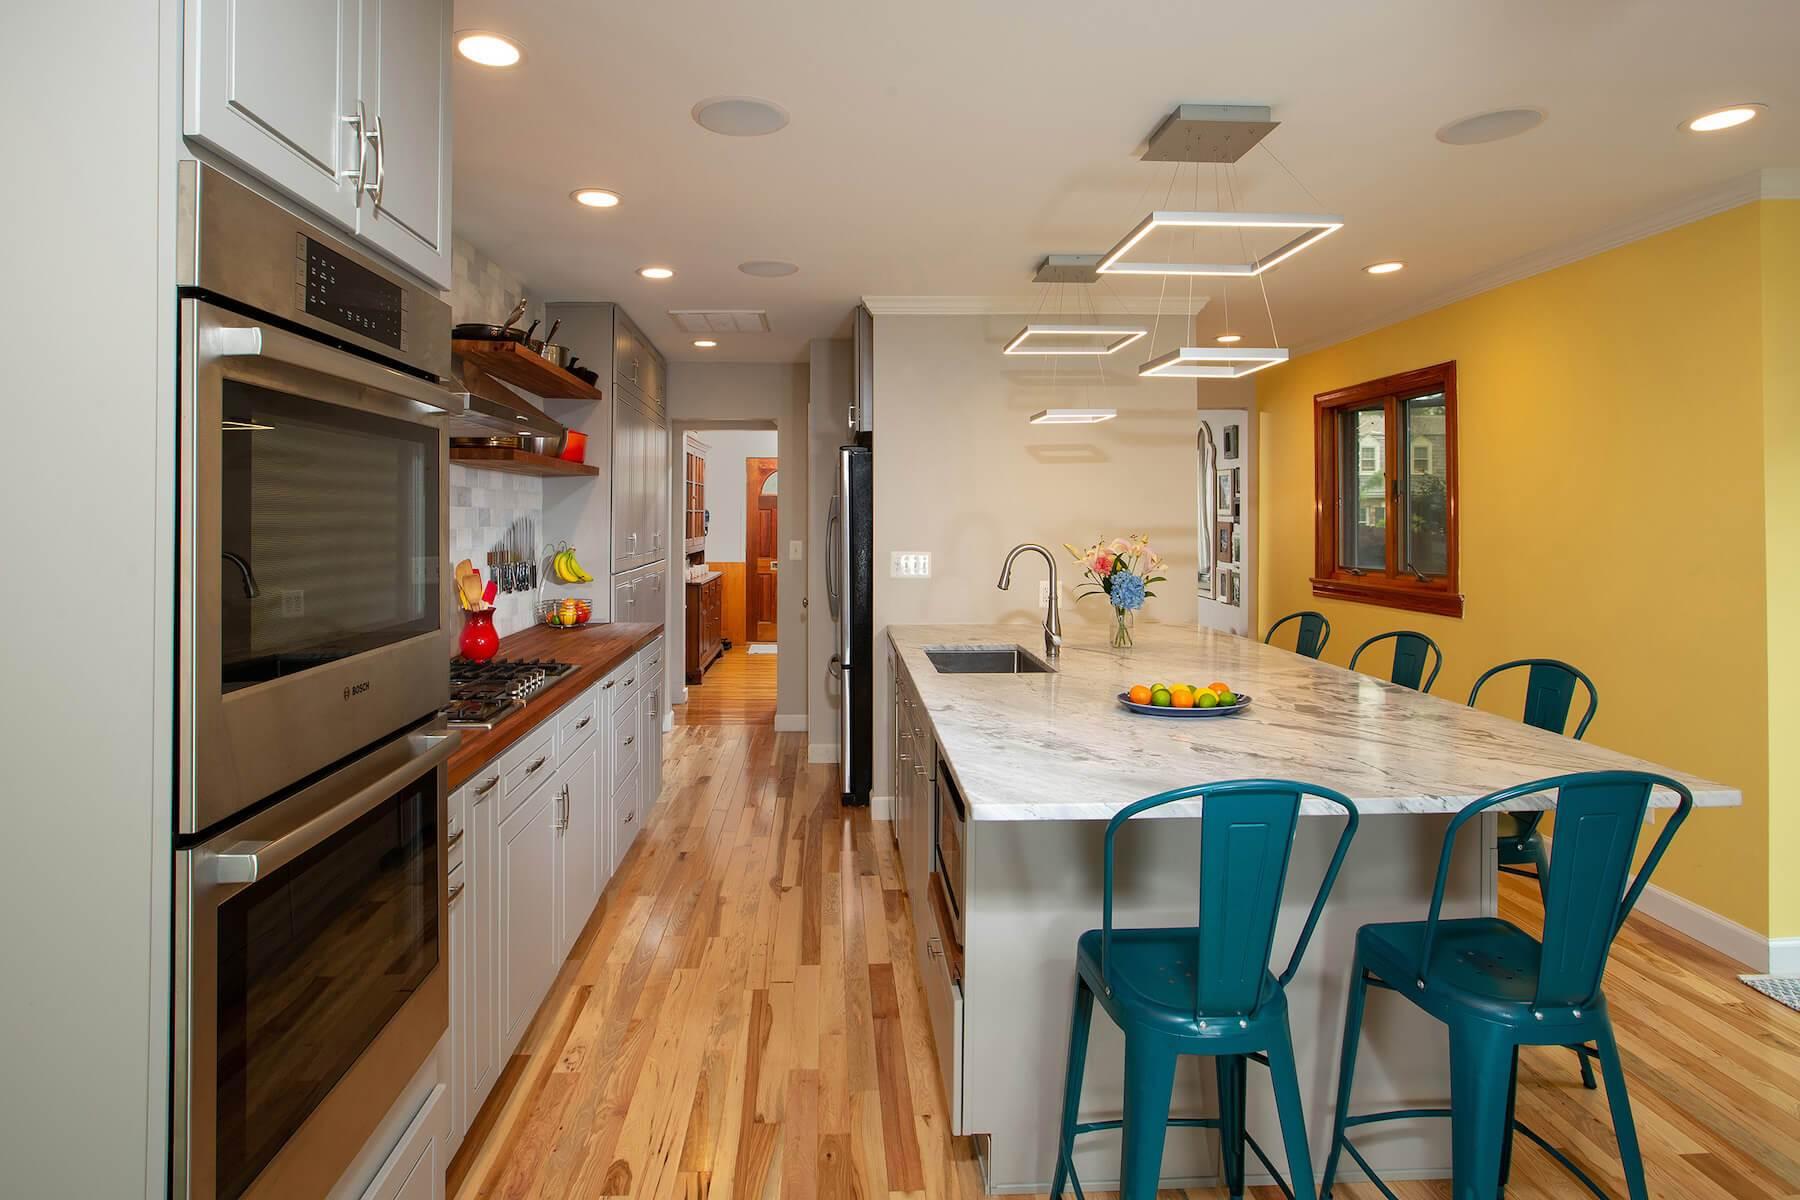 kitchen_L_5-17-19_250